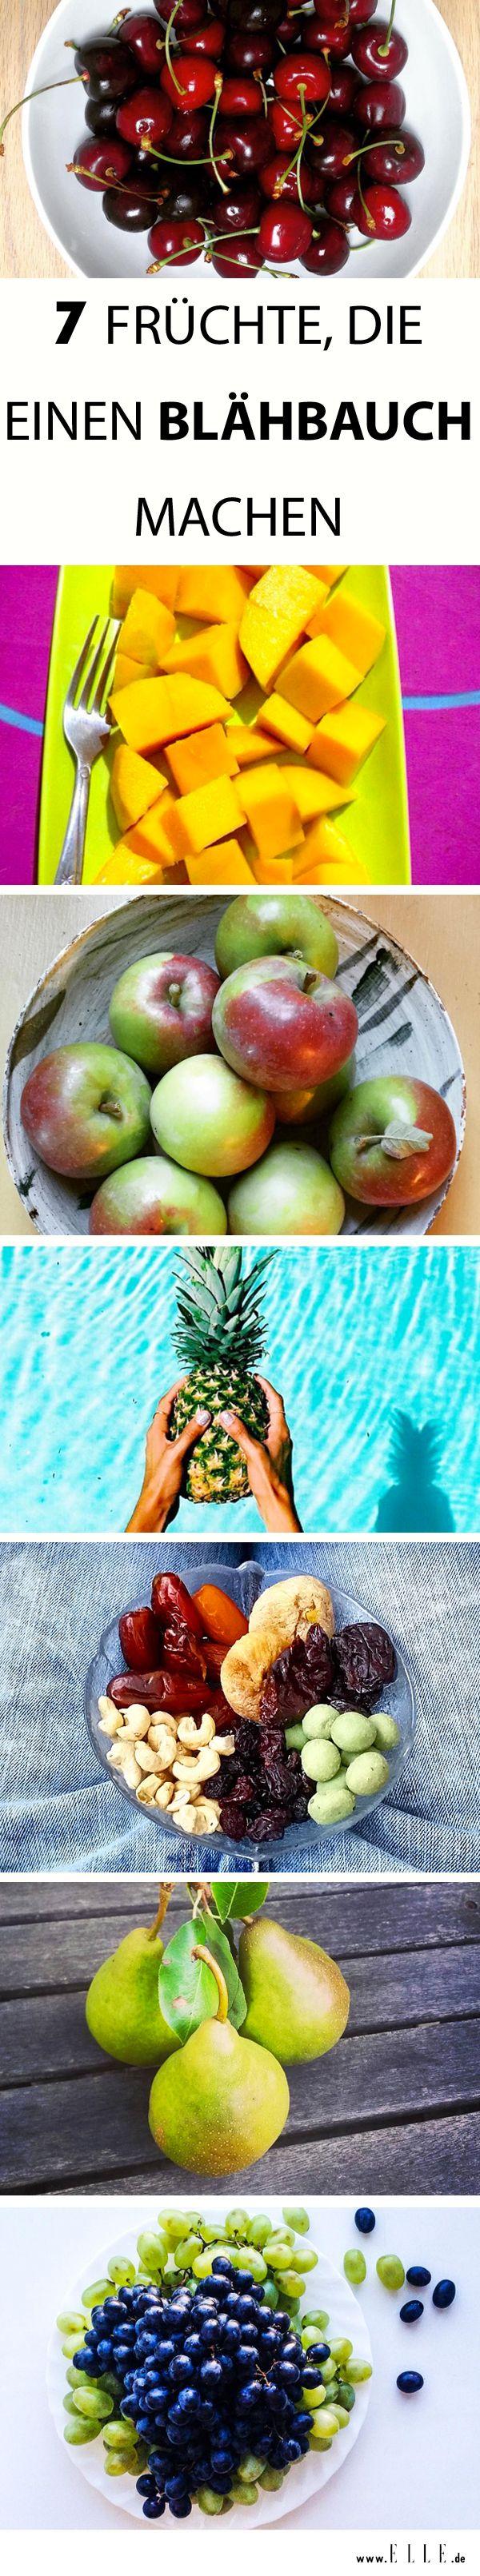 Die Hose zwickt, der Bauch rumort – ein Blähbauch ist unangenehm und unschön. Wir haben 7 Früchte zusammengestellt, die daran schuld sind! http://on.elle.de/1Emu7Uo